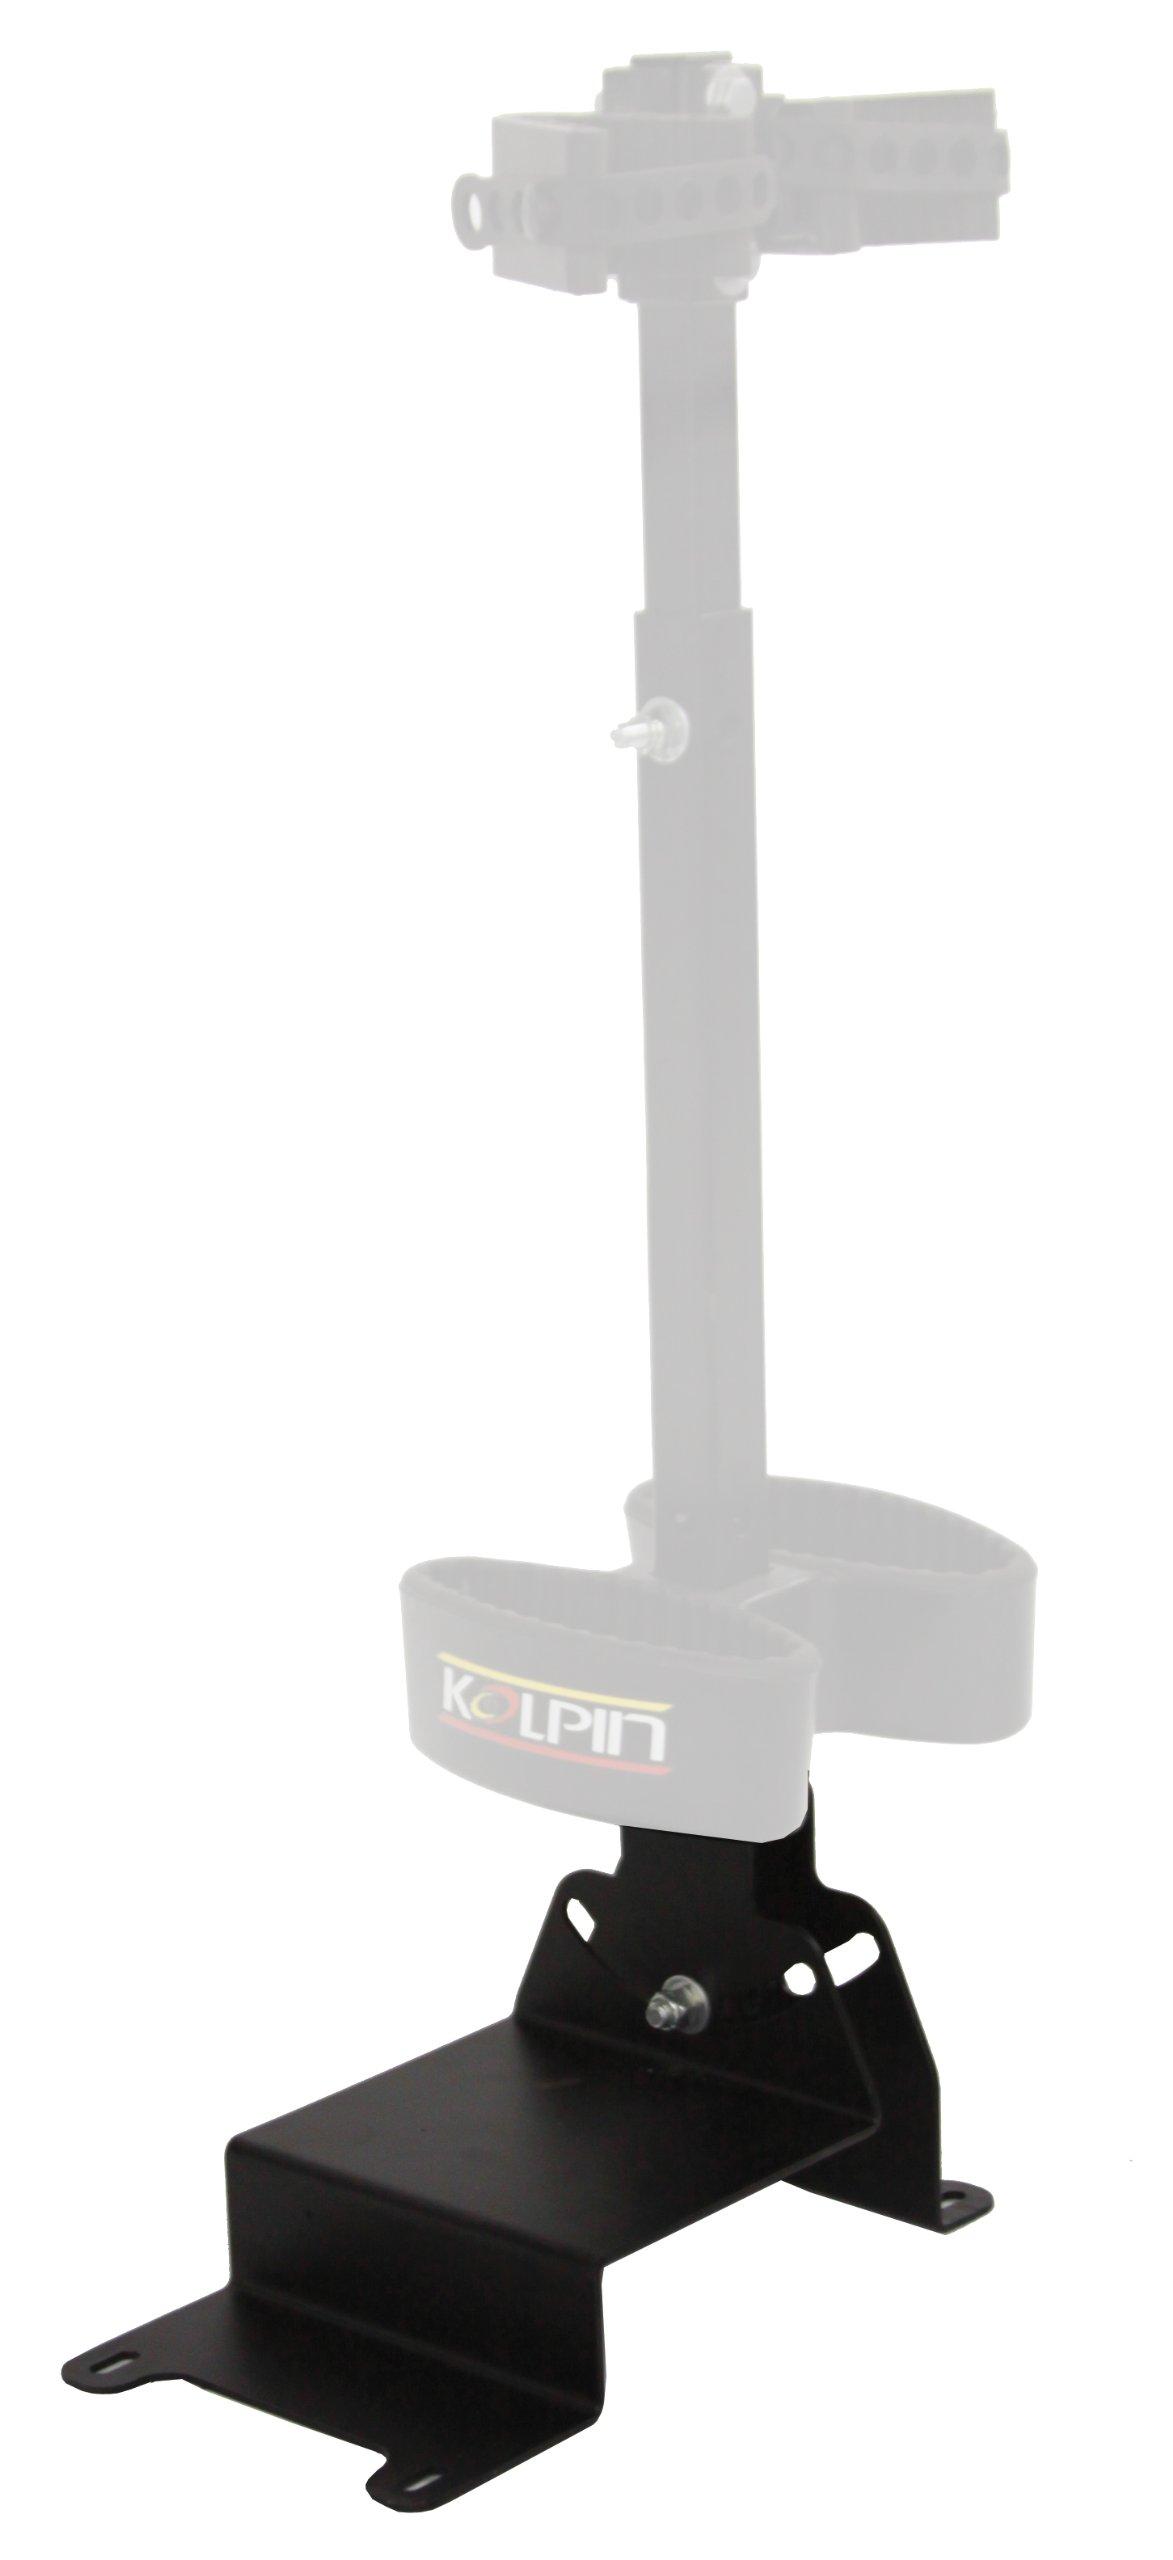 Kolpin UTV Gun Rack Adaptor Plate for Ranger Mid-Size - 20077